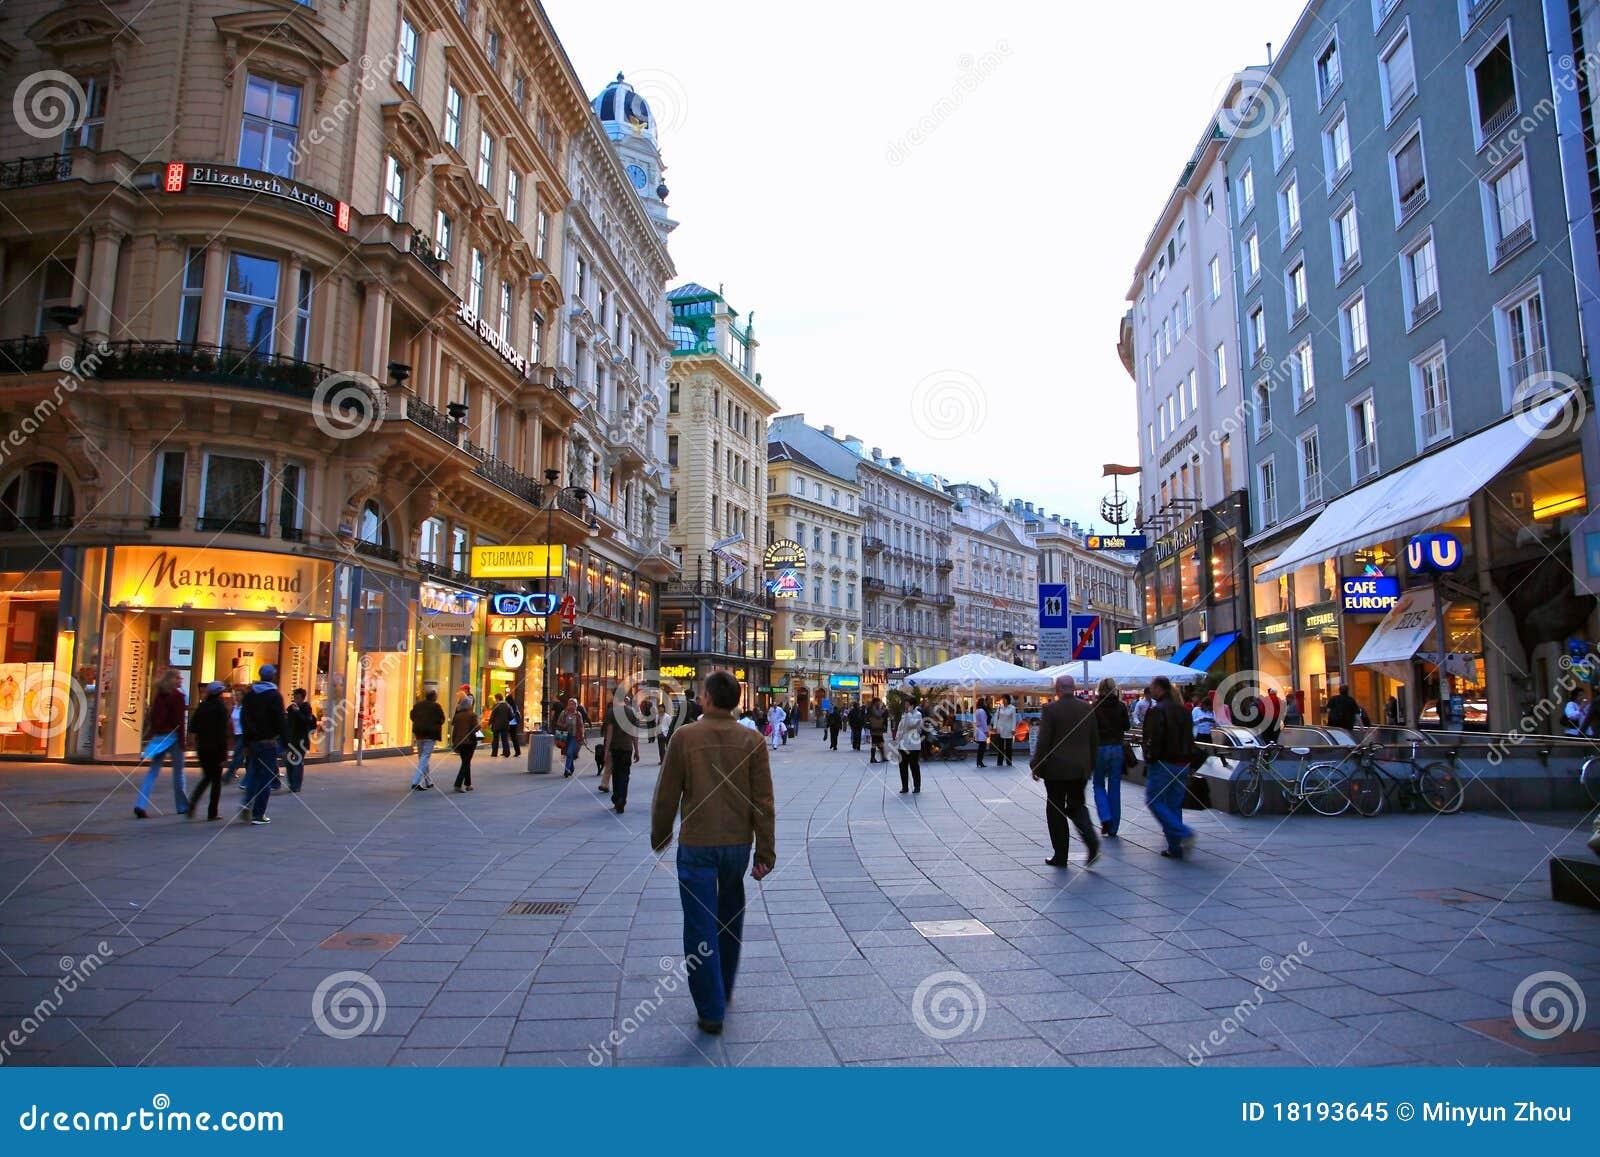 Rue de vienne autriche image ditorial image 18193645 - Office de tourisme de vienne autriche ...